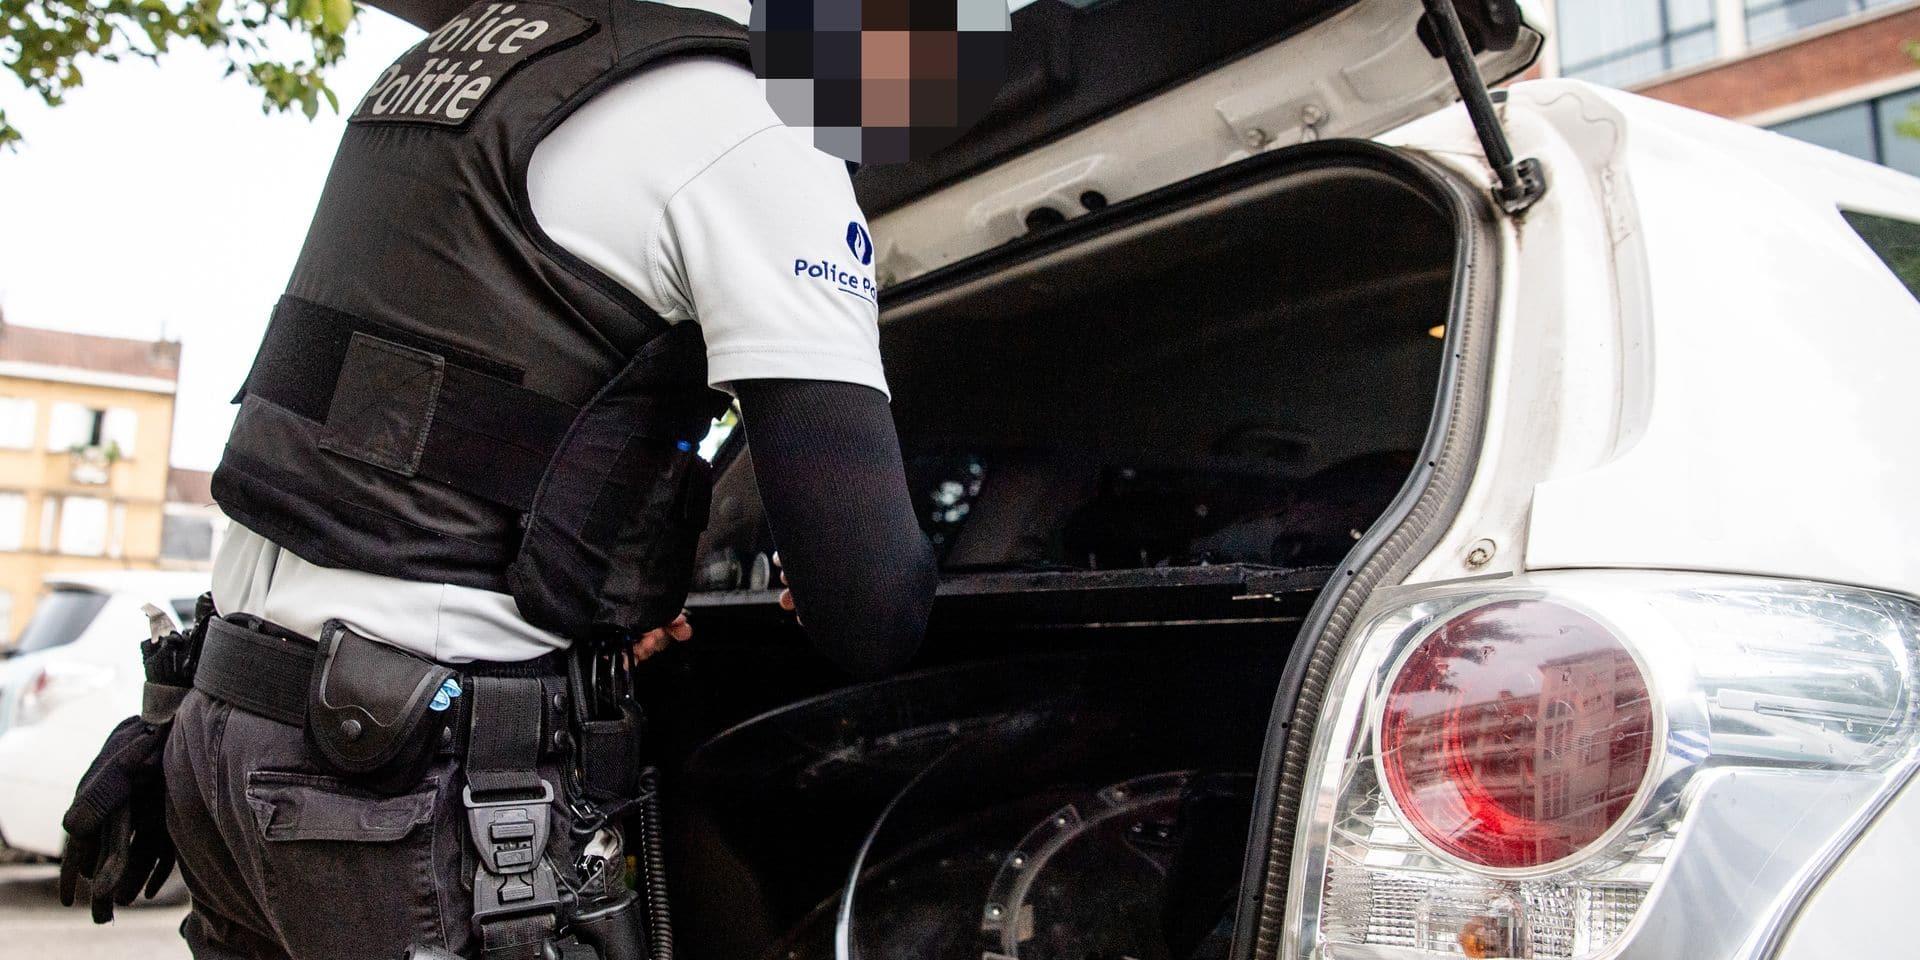 Anderlecht: Patrouille avec des policiers de la zone midi lors de l instauration du port du masque obligatoire - police - masque